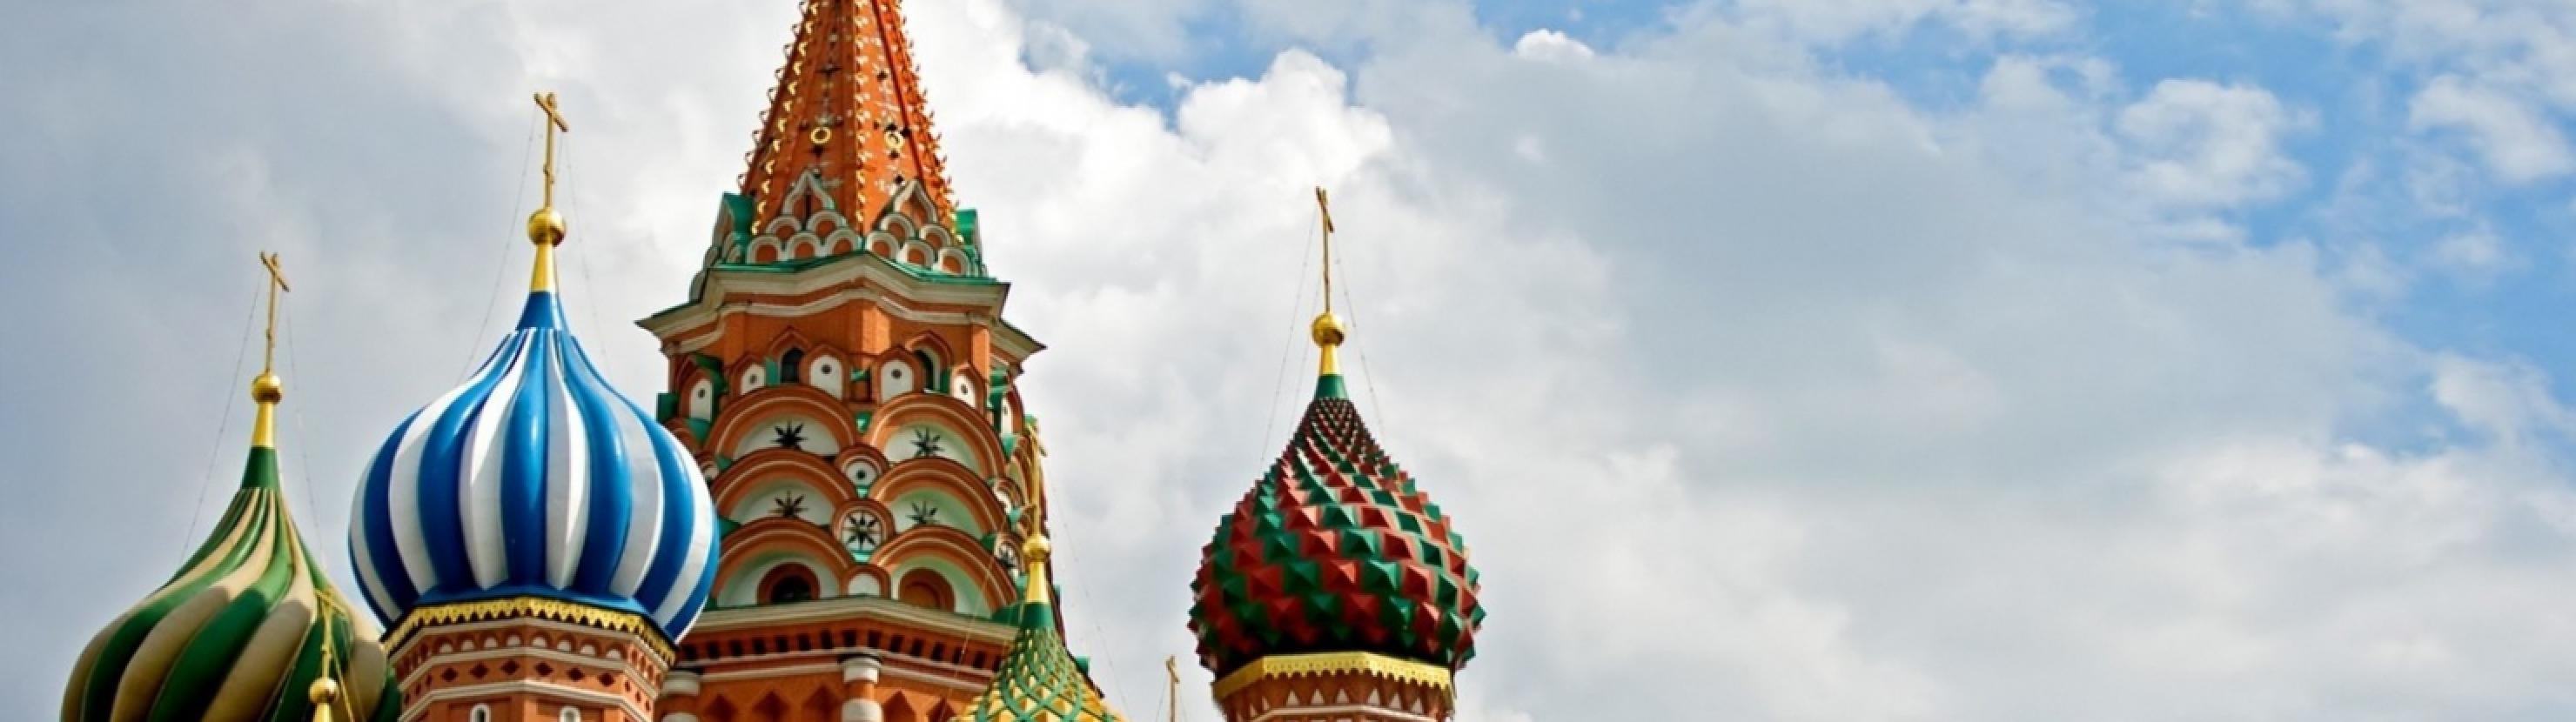 Venemaa - Moskva